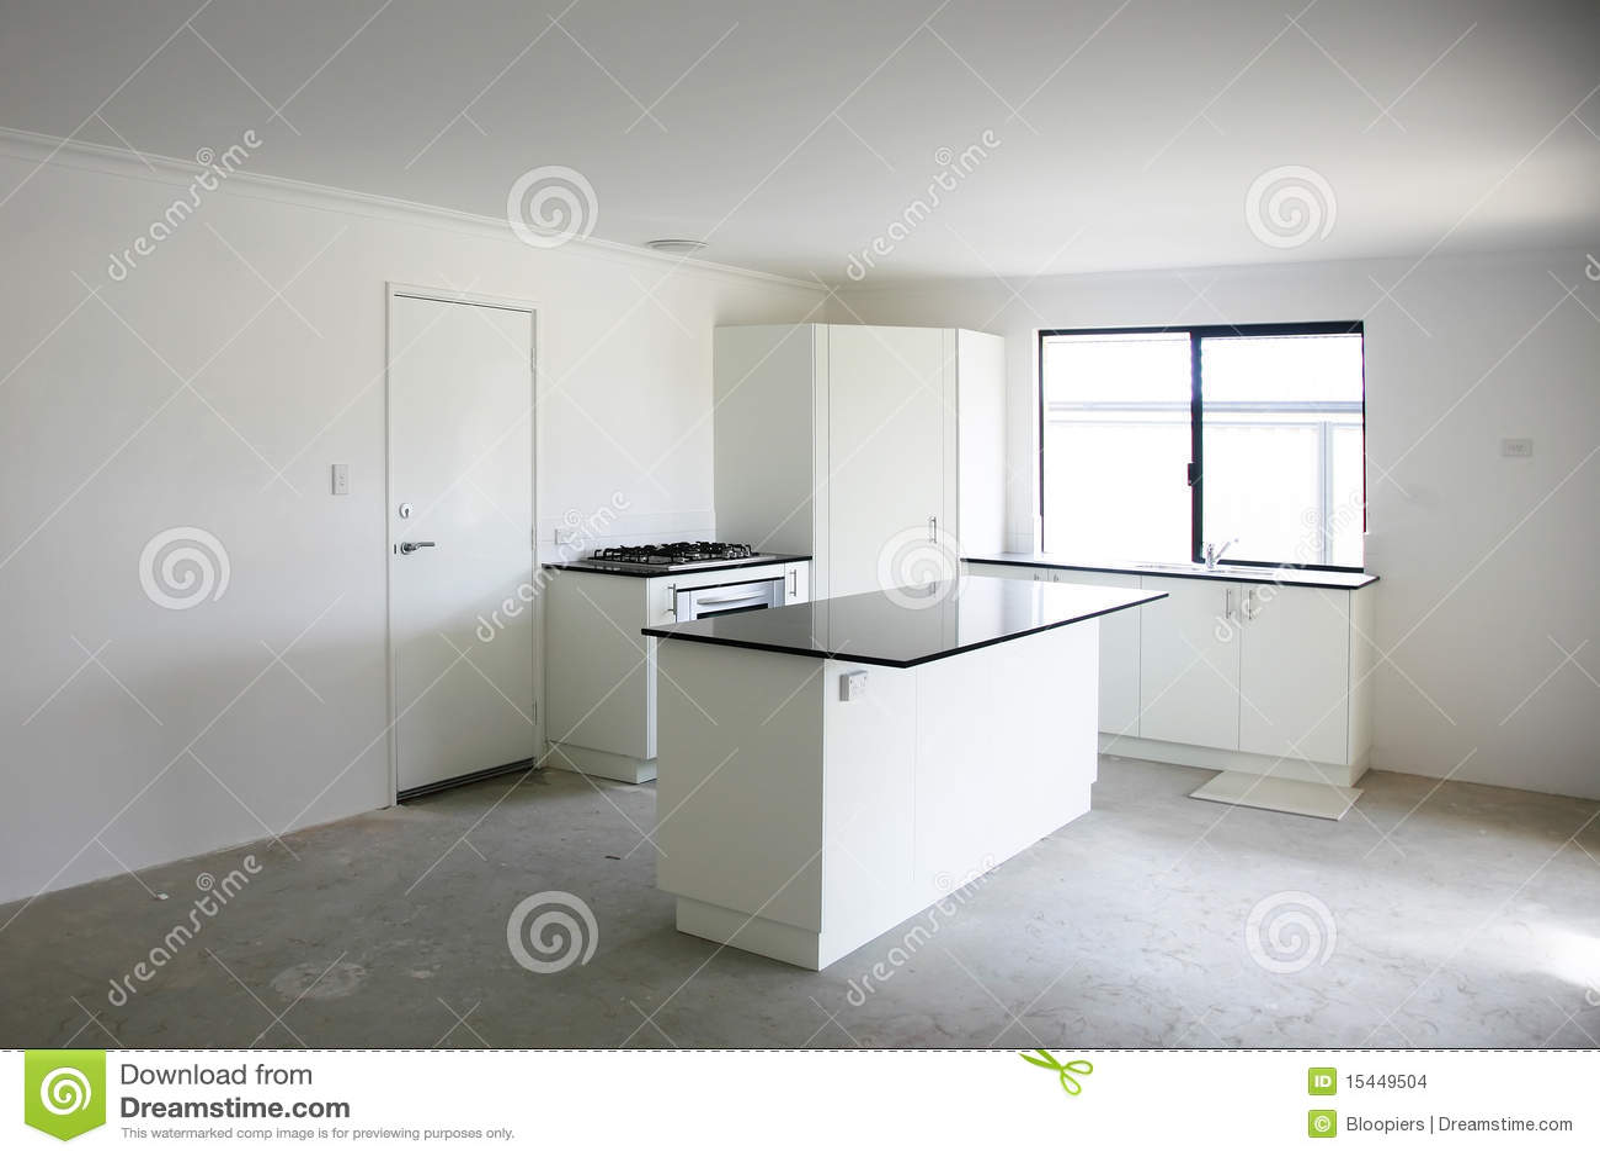 Lege keuken stock afbeeldingen afbeelding 15449504 - Foto eigentijdse keuken ...